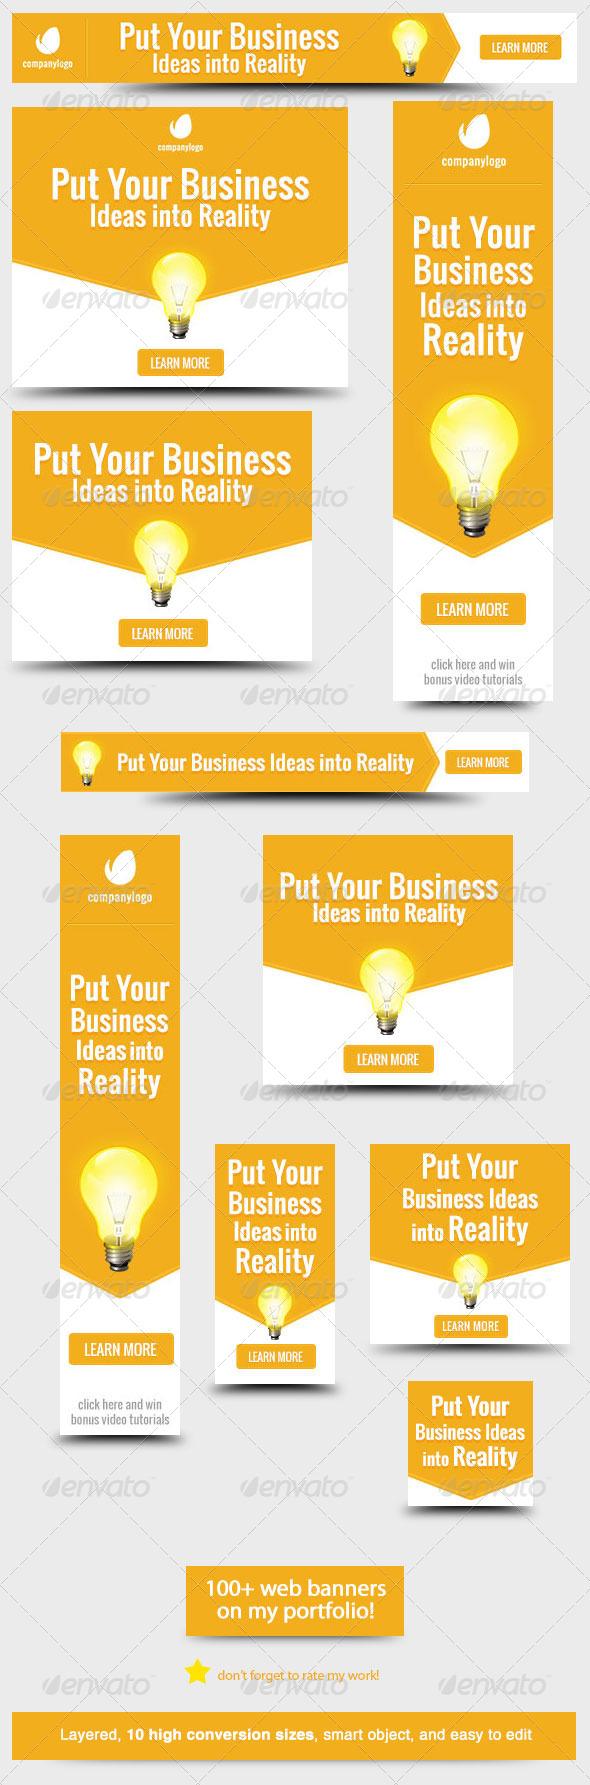 GraphicRiver Business Idea Web Banner Design 5916977